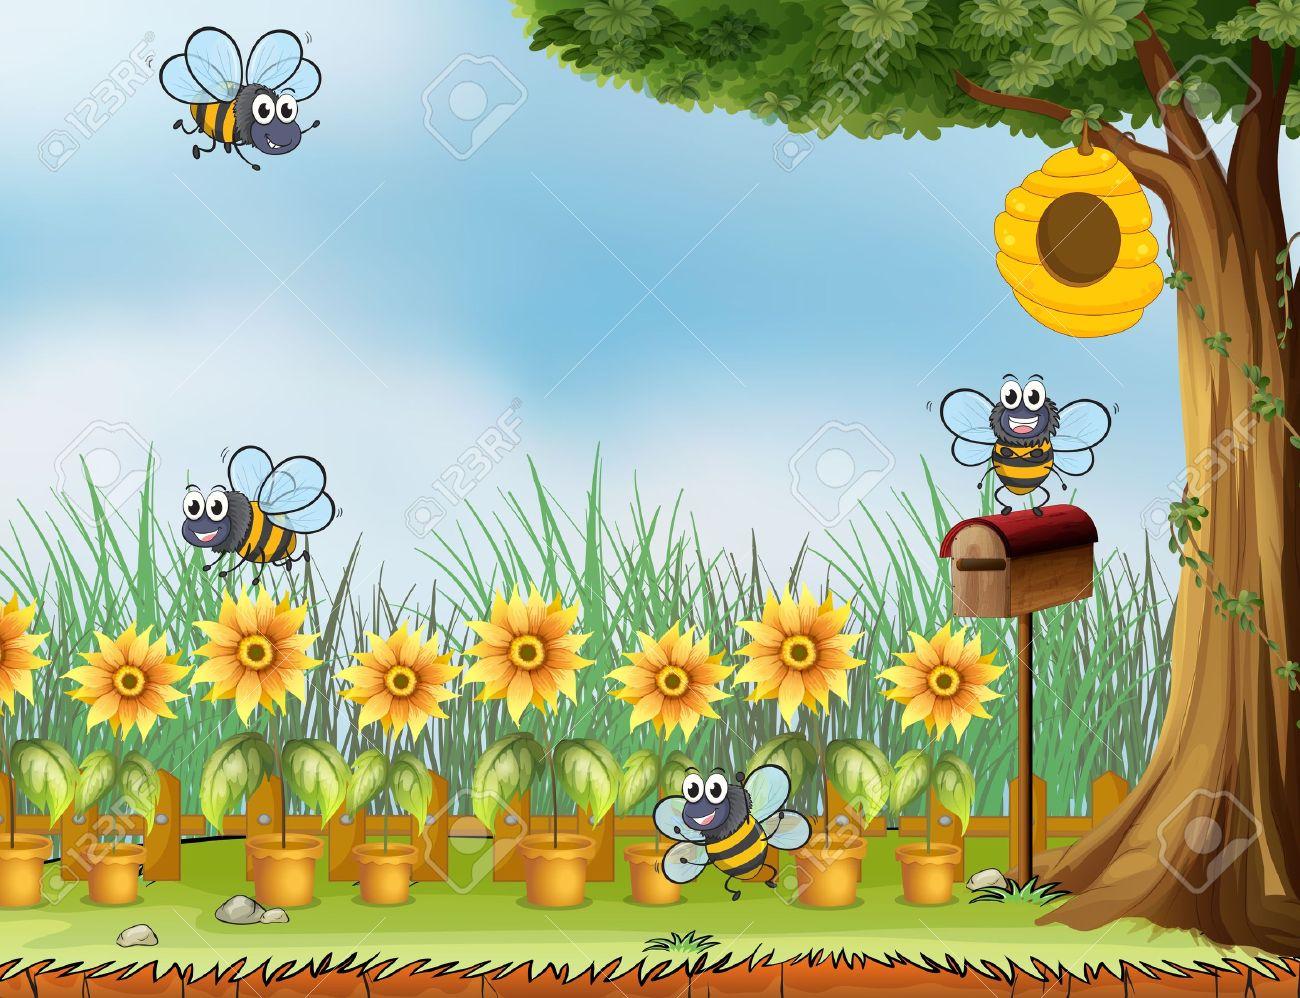 Рисунок улья из мультфильмов 5